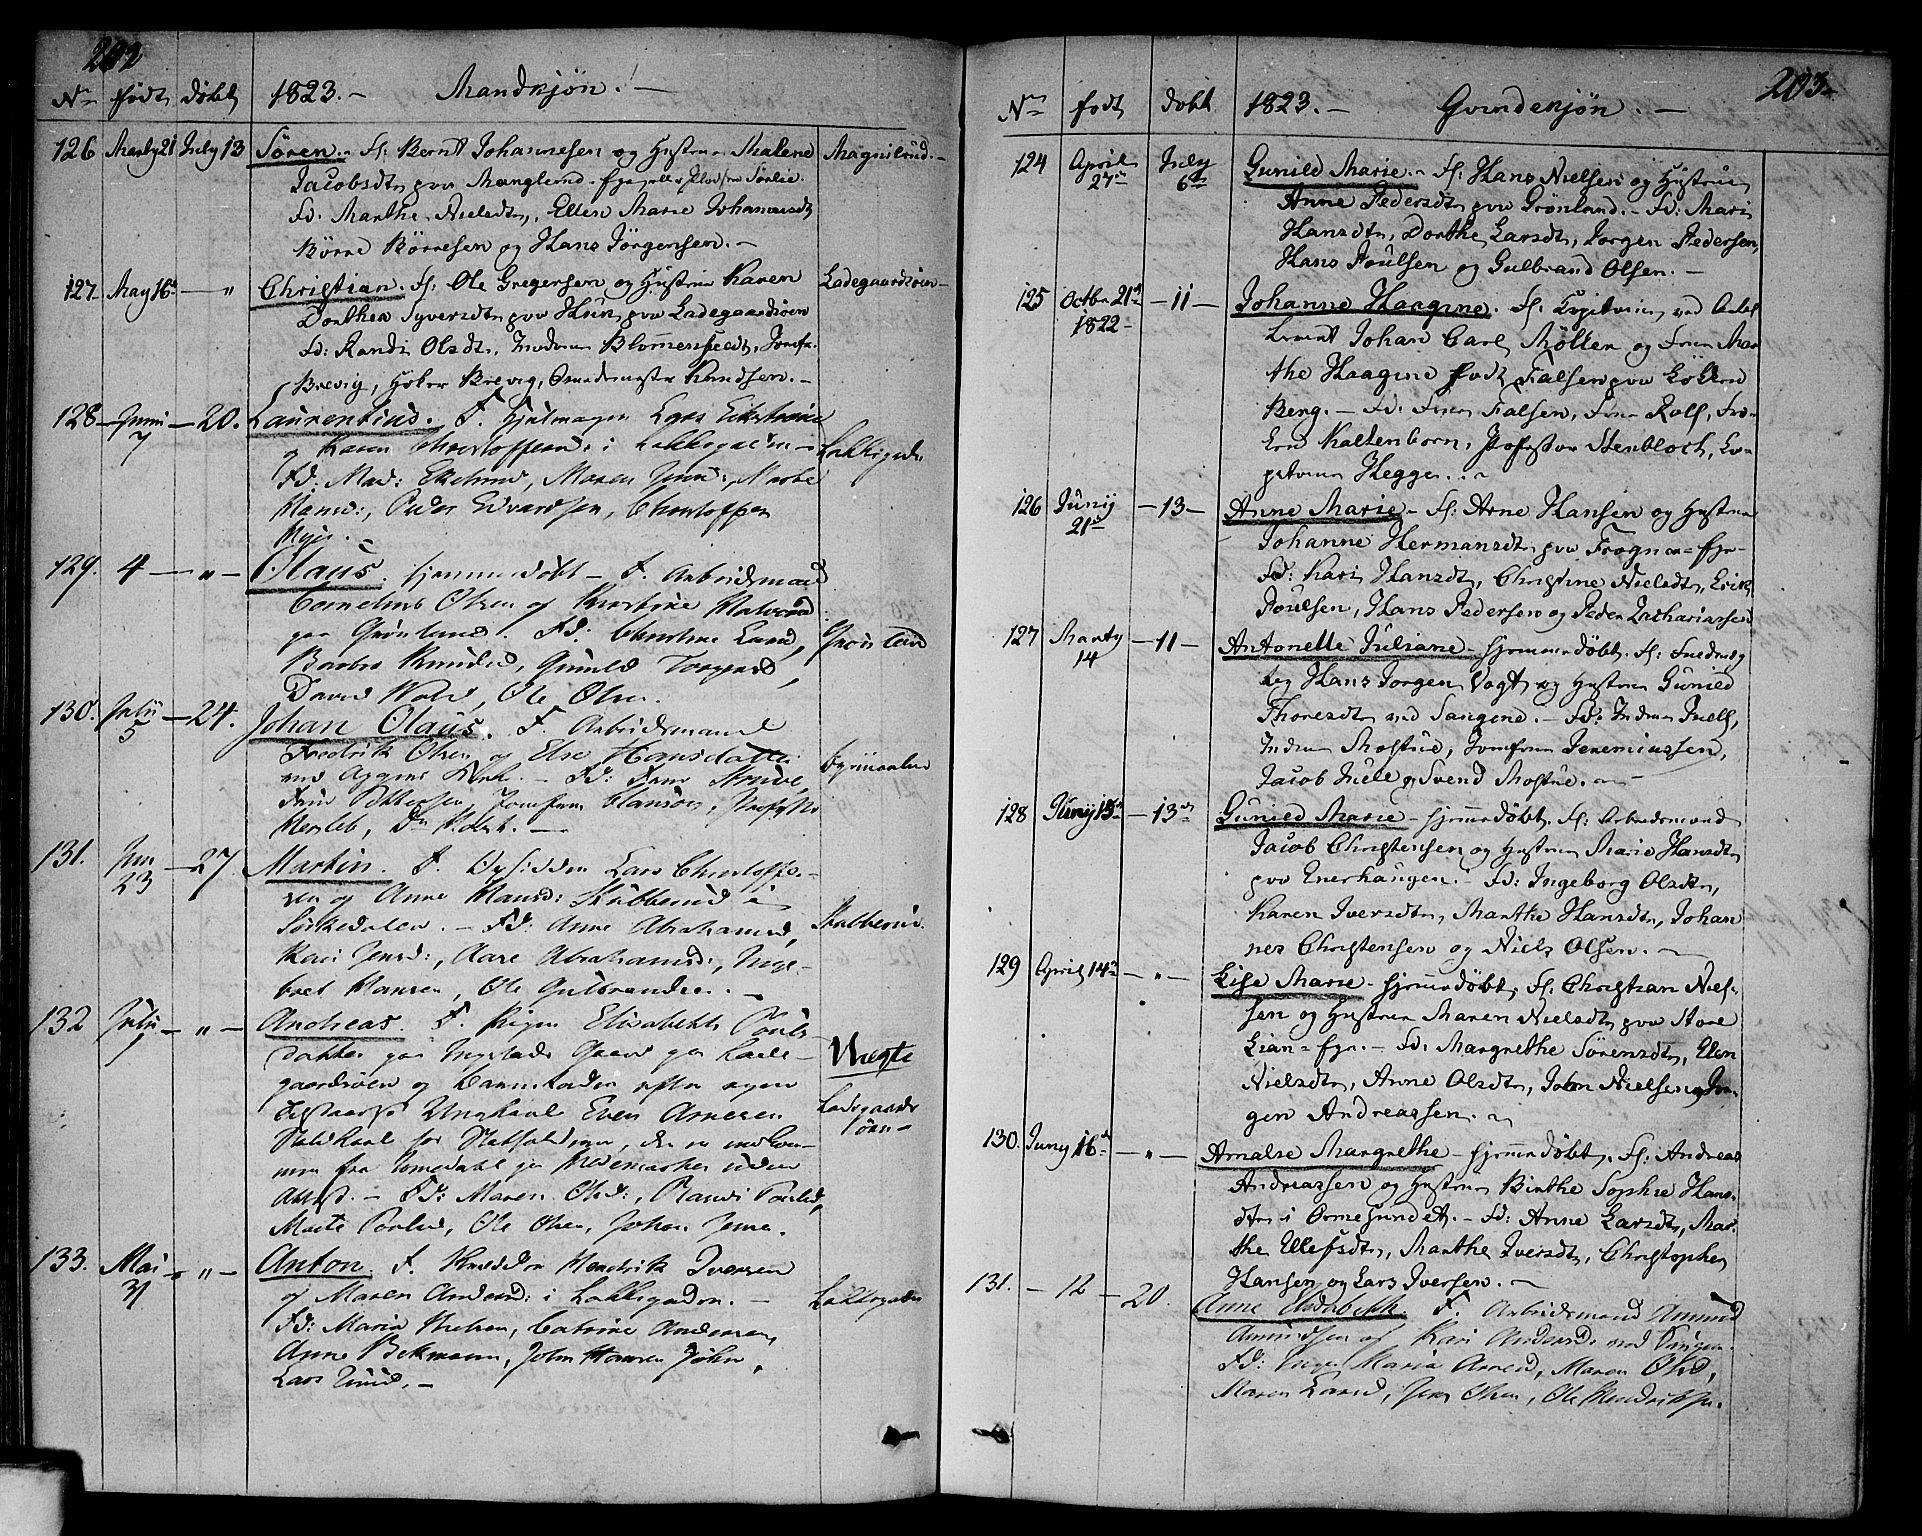 SAO, Aker prestekontor kirkebøker, F/L0012: Ministerialbok nr. 12, 1819-1828, s. 202-203